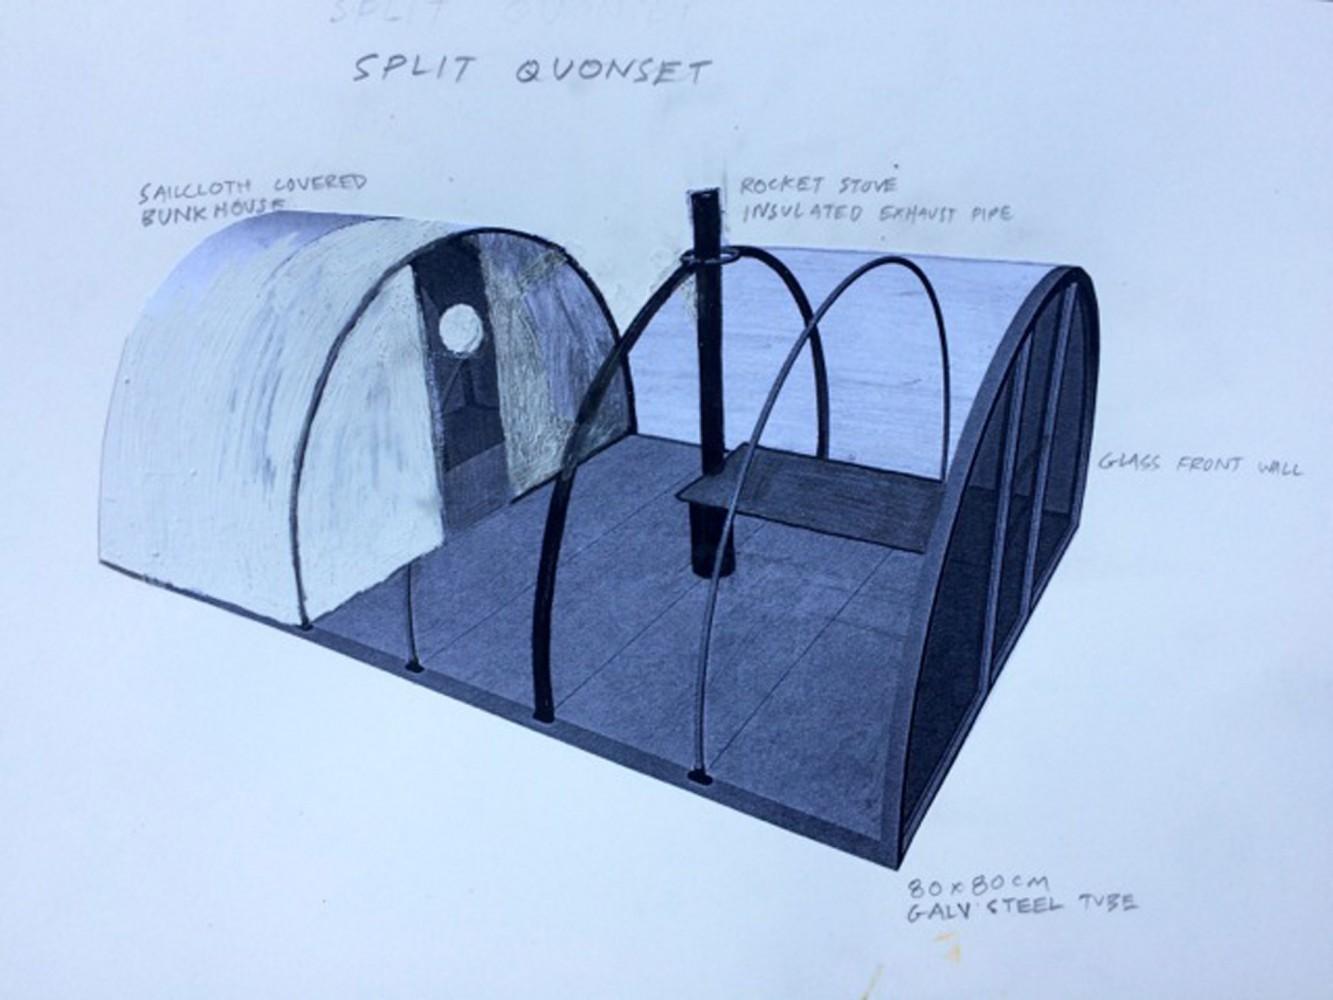 friche escalette marseille évènement Oscar Tuazon<br />&#8220;Quonset Tent&#8221;